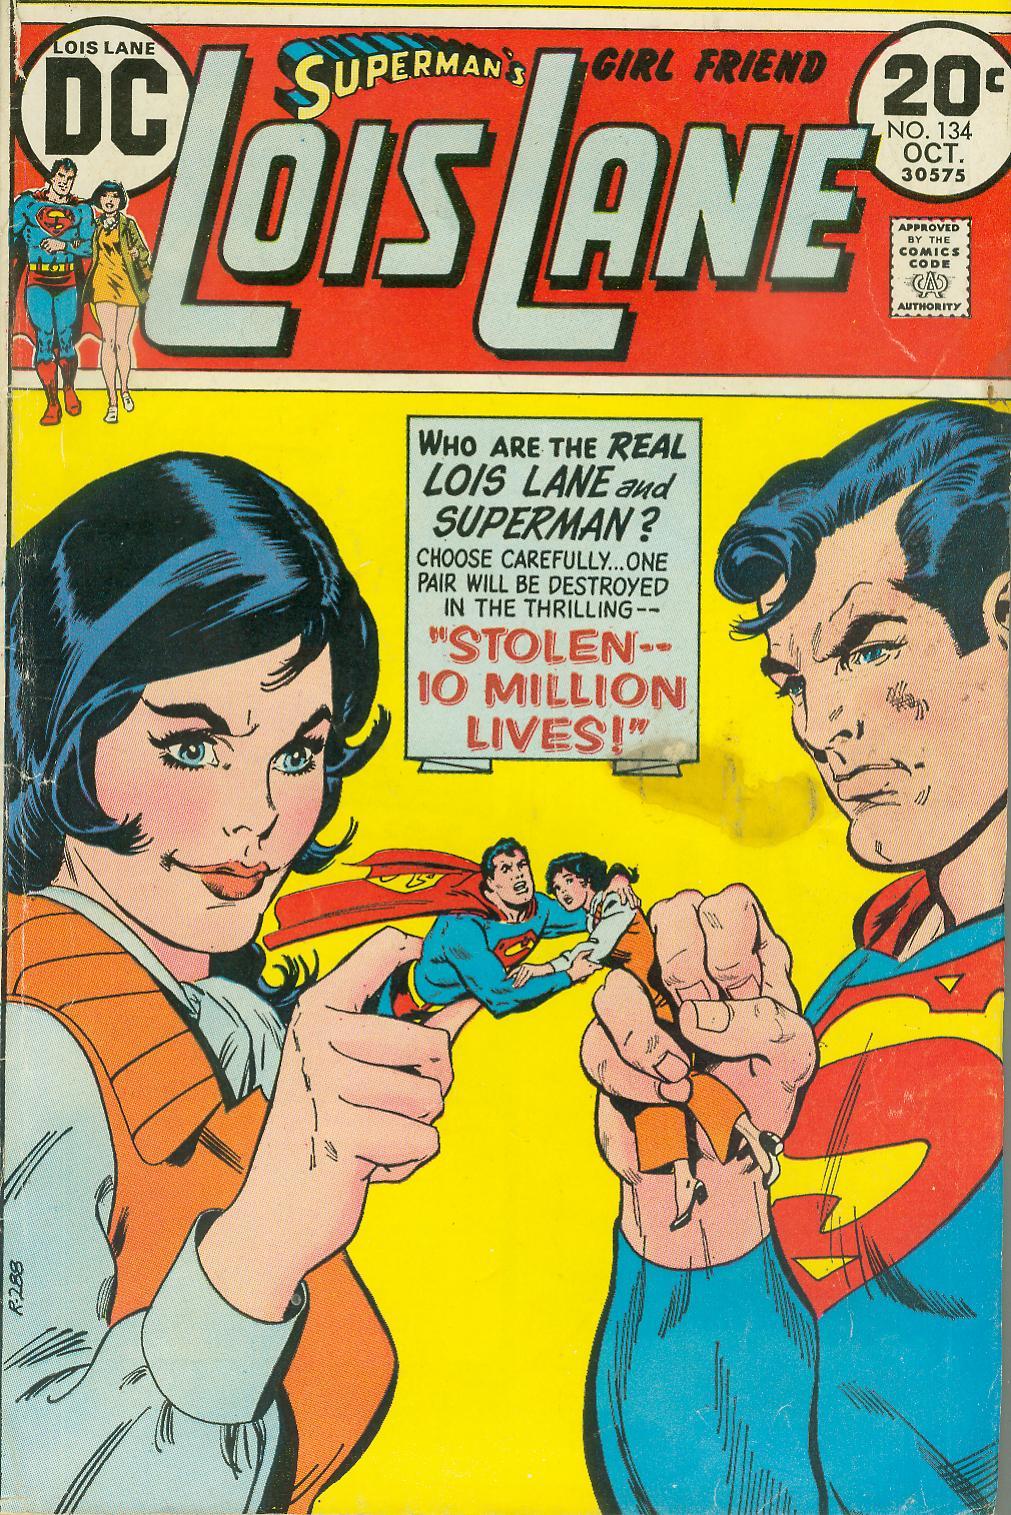 Supermans Girl Friend, Lois Lane 134 Page 1